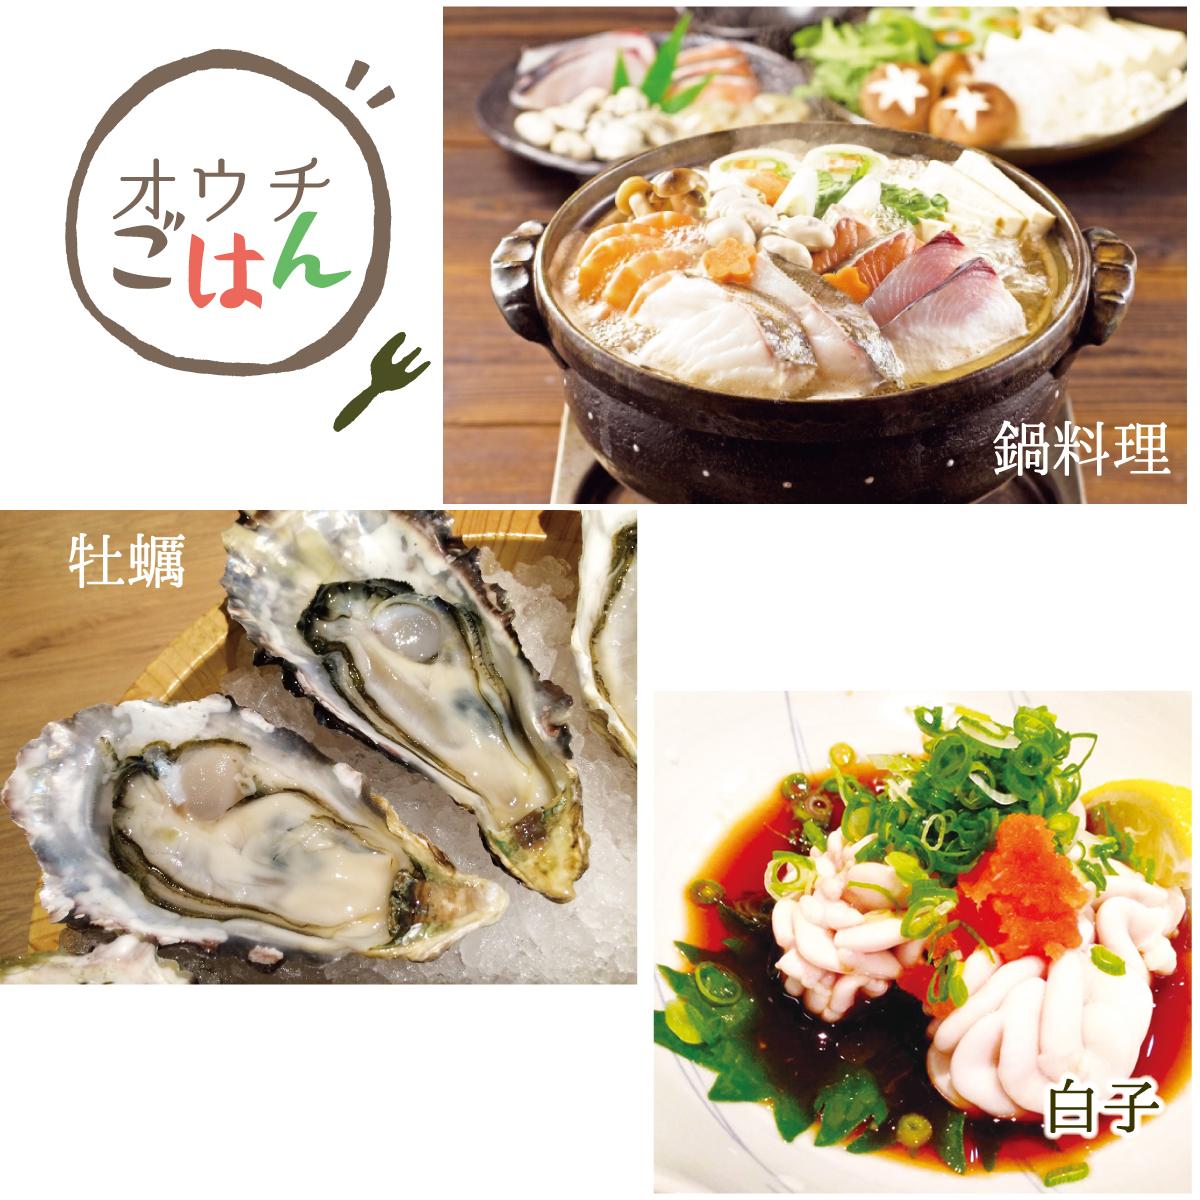 おウチゴハン-鍋・牡蠣・白子